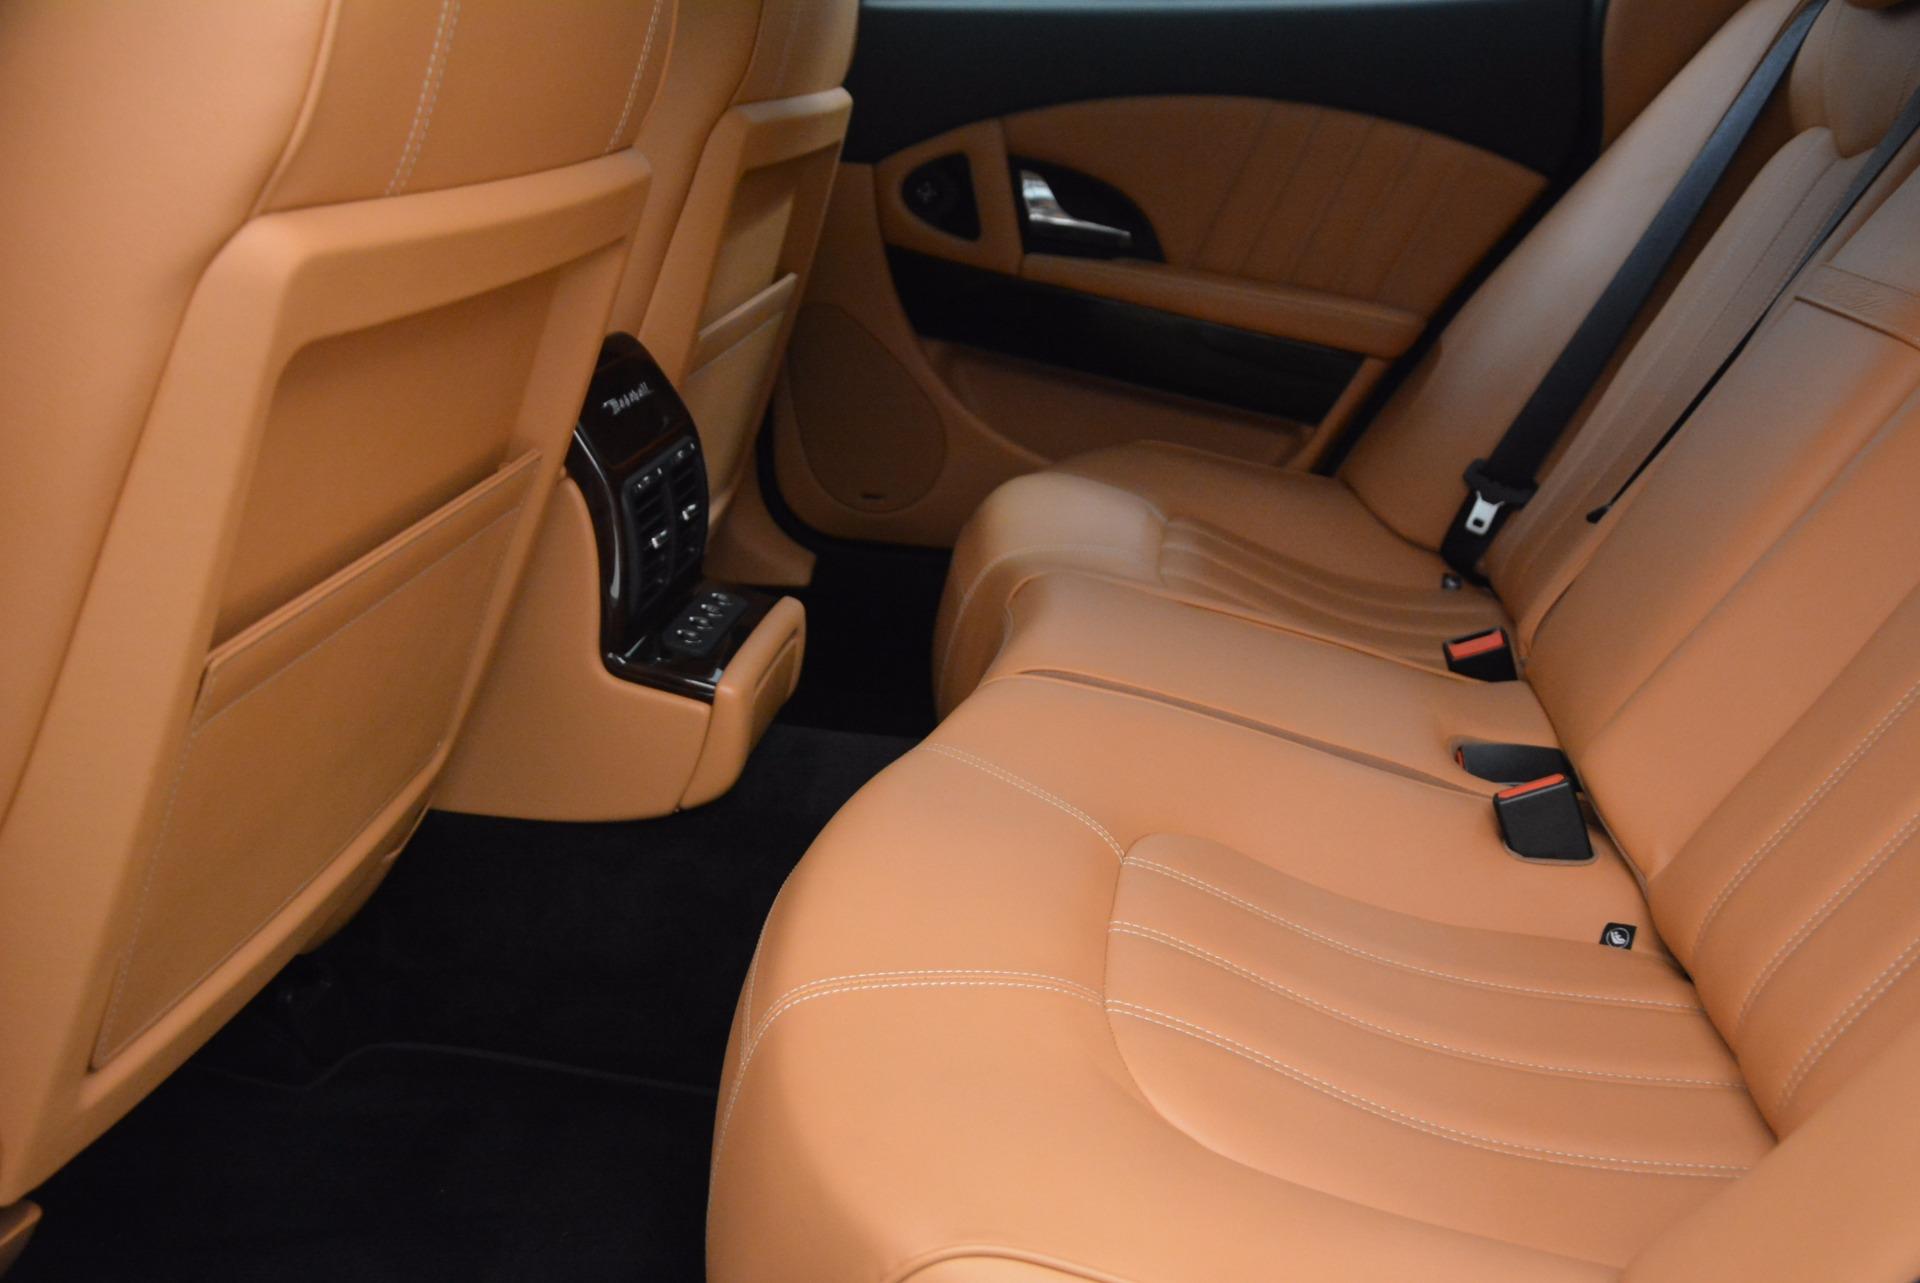 Used 2010 Maserati Quattroporte S For Sale In Greenwich, CT 1551_p30